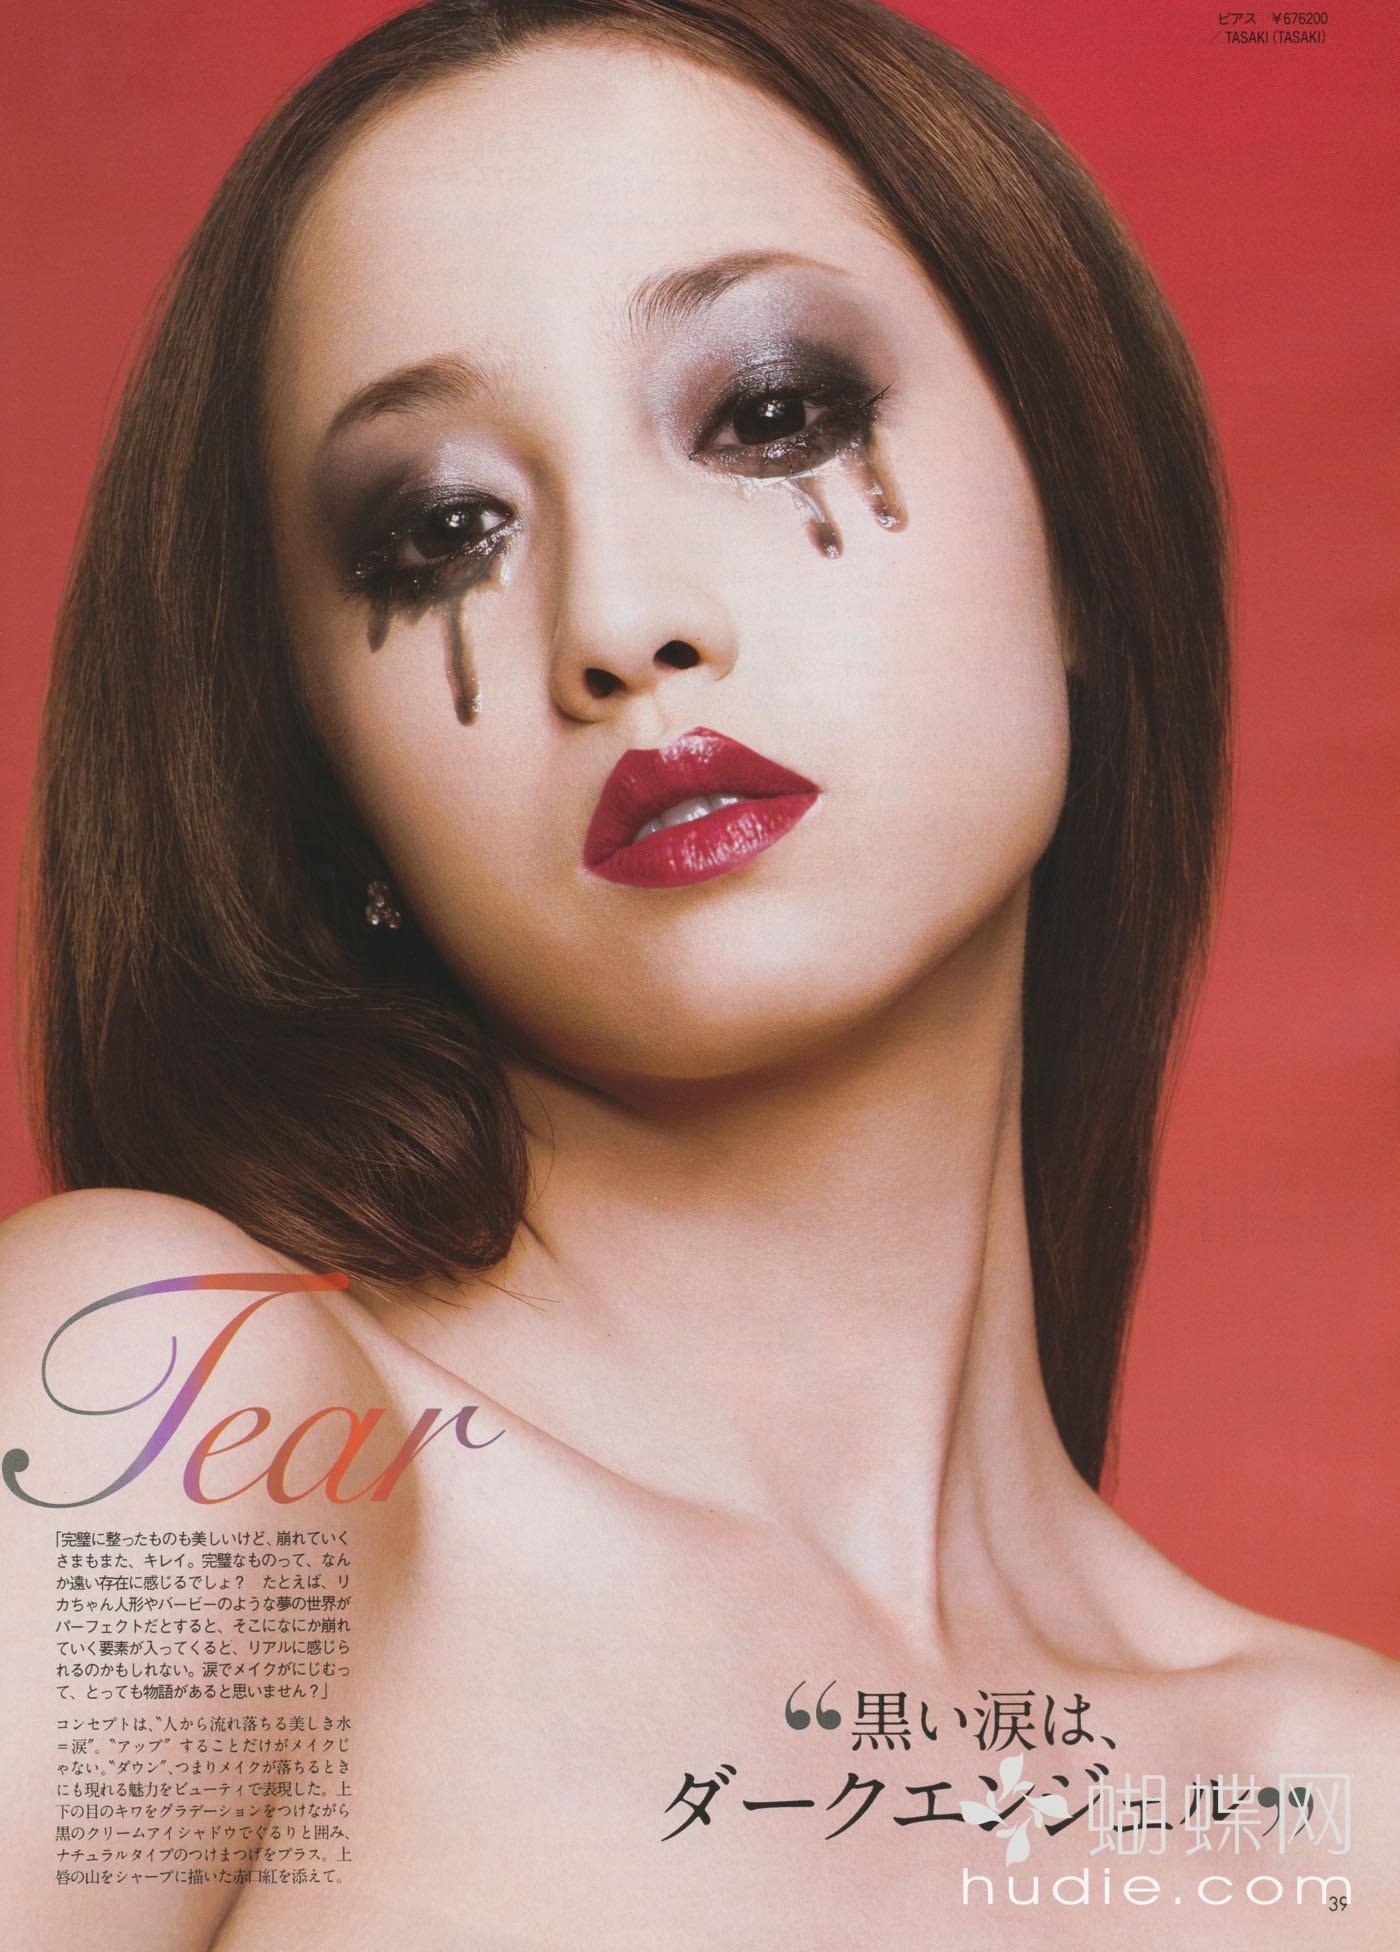 Erika Sawajiri, tear [PH201025054511]